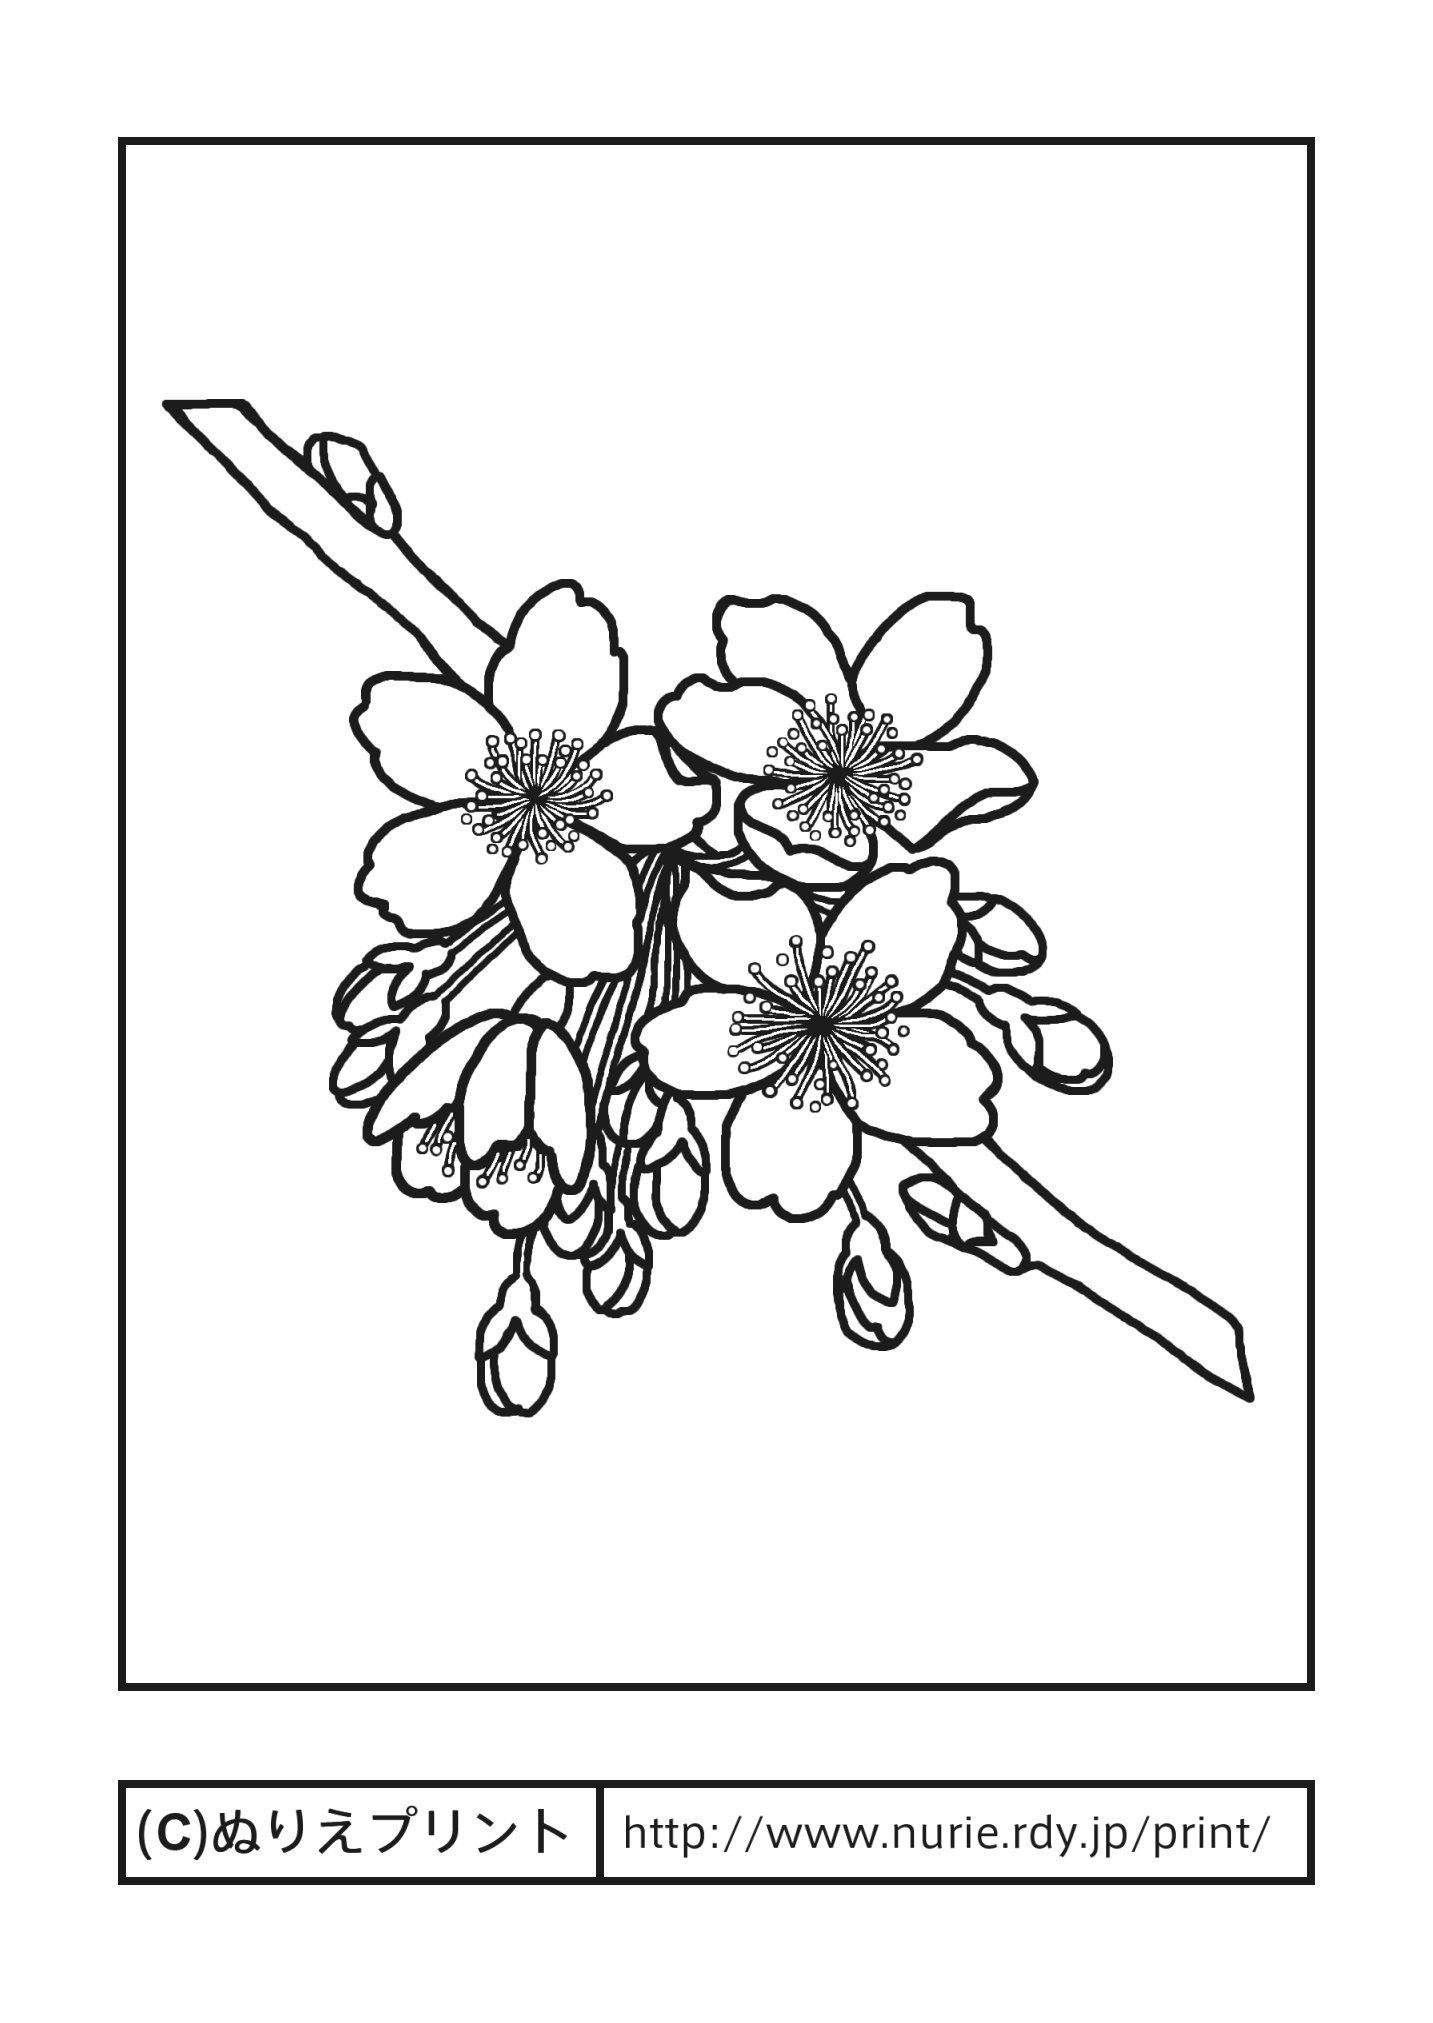 サクラ主線黒春の花無料塗り絵イラストぬりえプリント 0